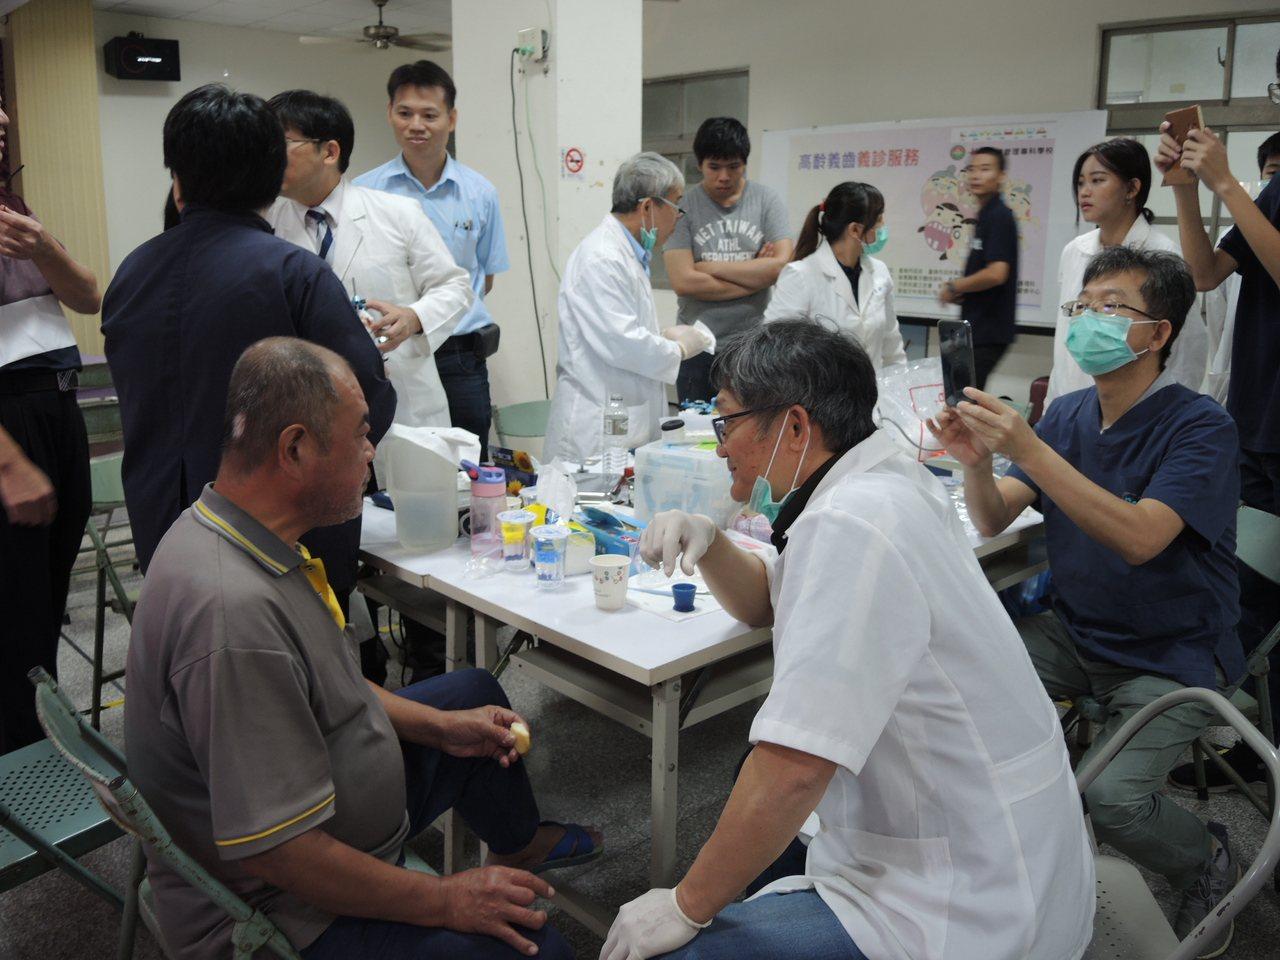 敏惠護專攜手台日牙醫,為台南柳營重溪社區長輩口腔義診顧健康。記者謝進盛/攝影